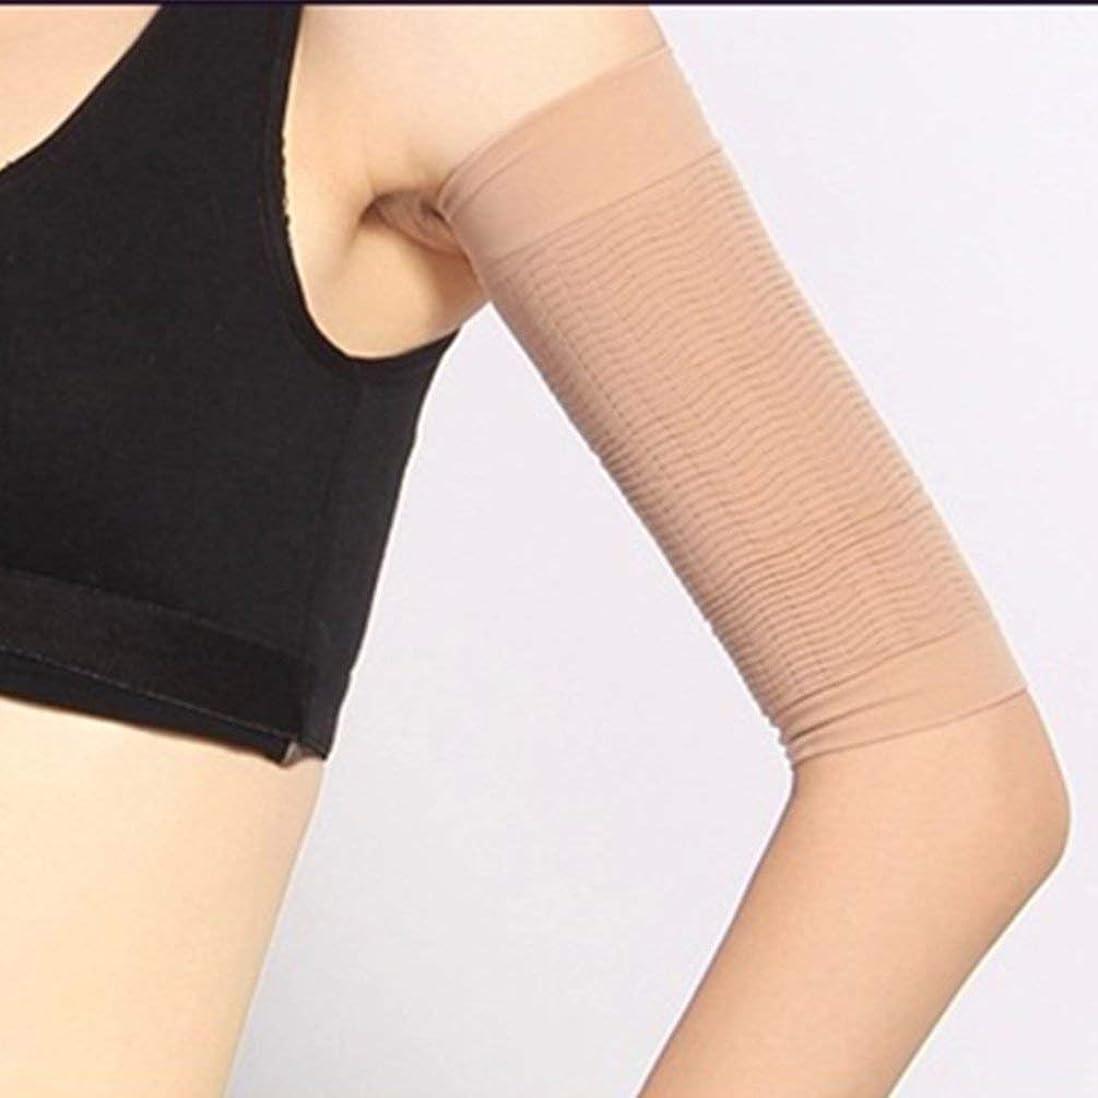 ヒューム読書こっそり1ペア420 D圧縮痩身アームスリーブワークアウトトーニングバーンセルライトシェイパー脂肪燃焼袖用女性 - 肌色